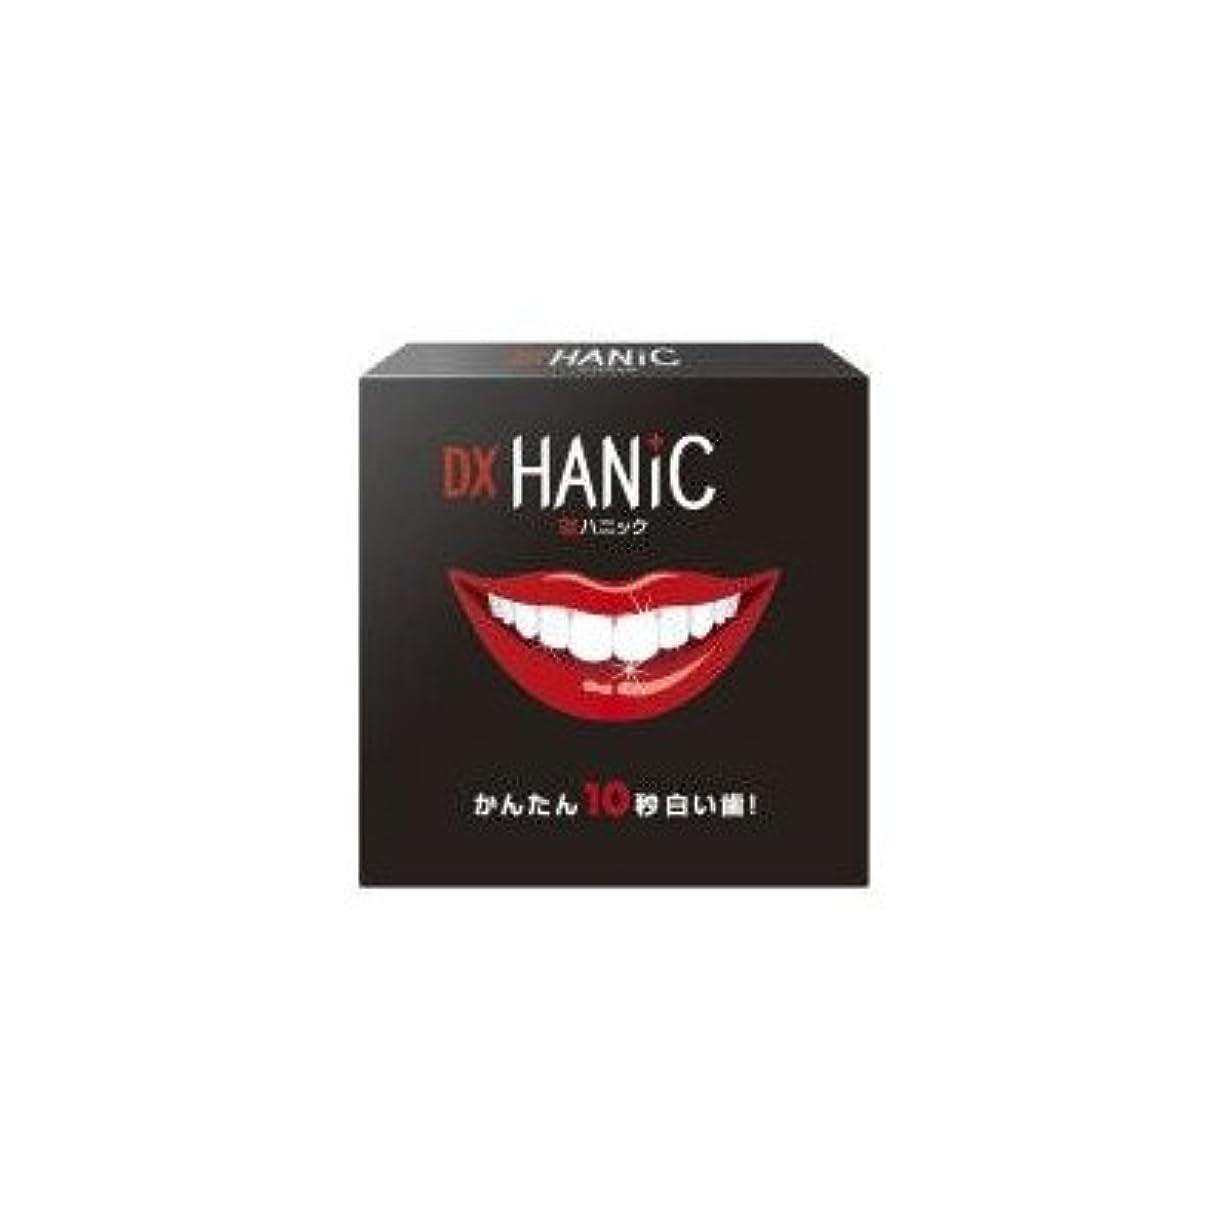 パケットのヒープ戦術塗るだけで真っ白に魅せる歯のマニキュア DXハニック デンタルコットン付き 歯のマニュキア?ペンタイプ